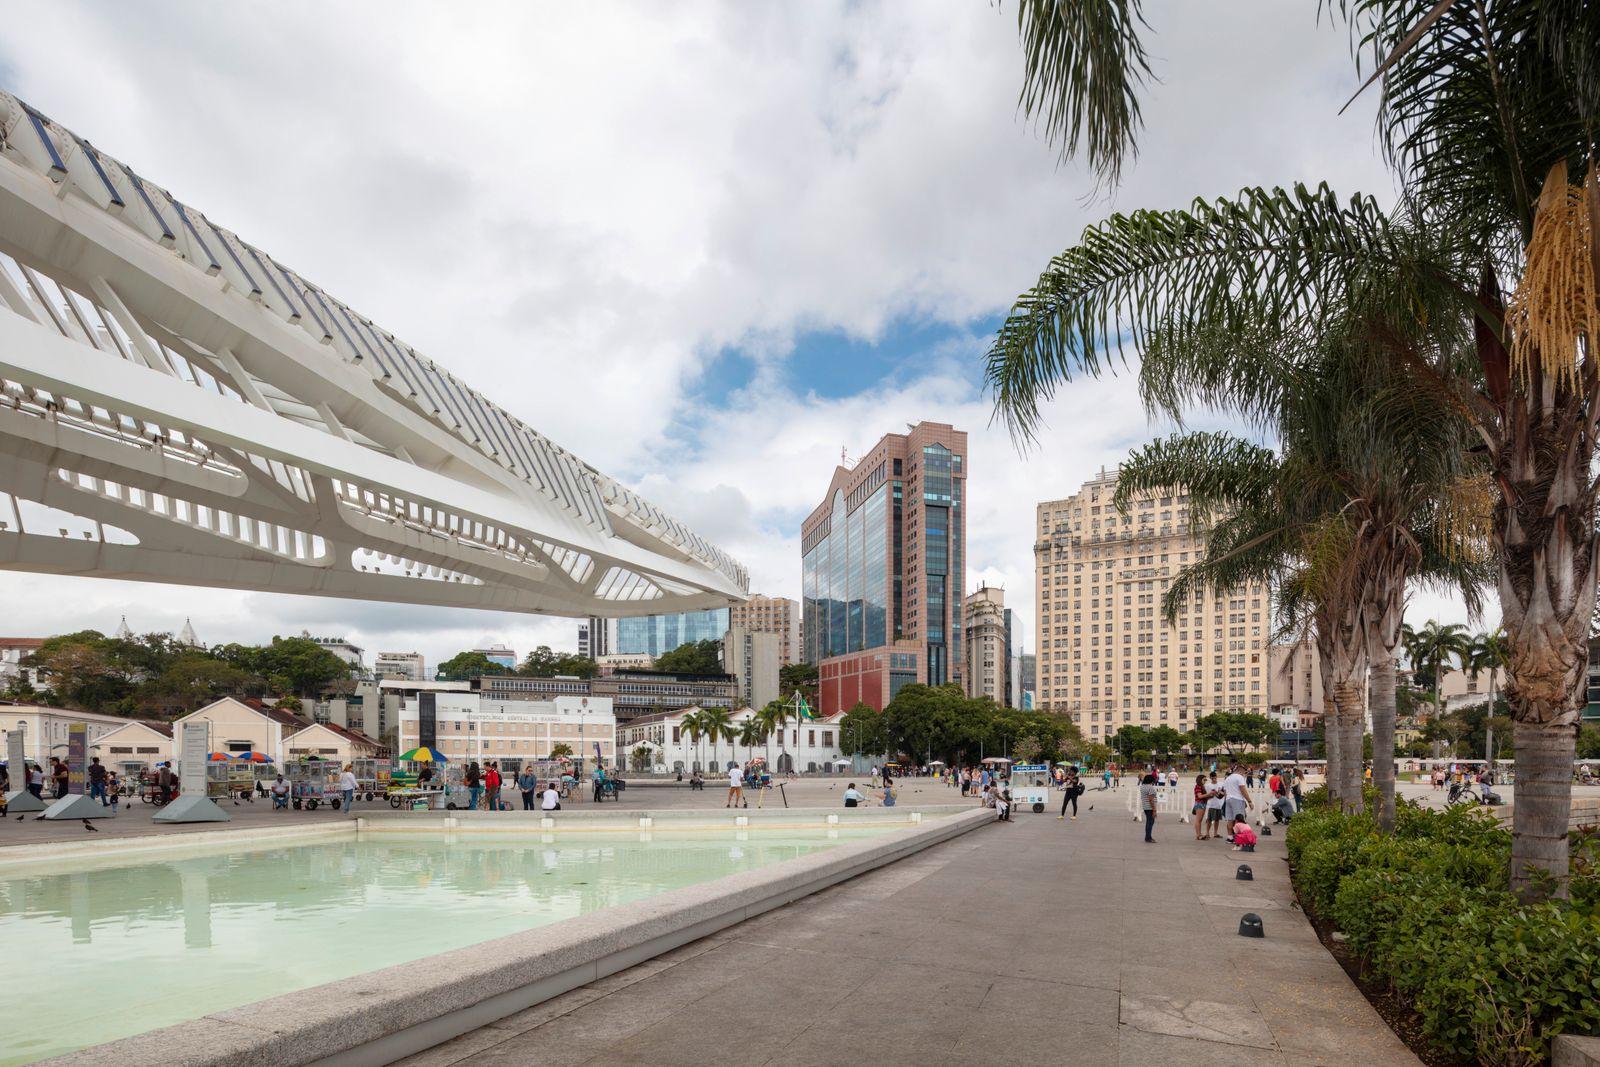 Museu do Amanhã (muesum of tomorrow) designed by Santiago Calatrava, Rio de Janeiro, Brazil